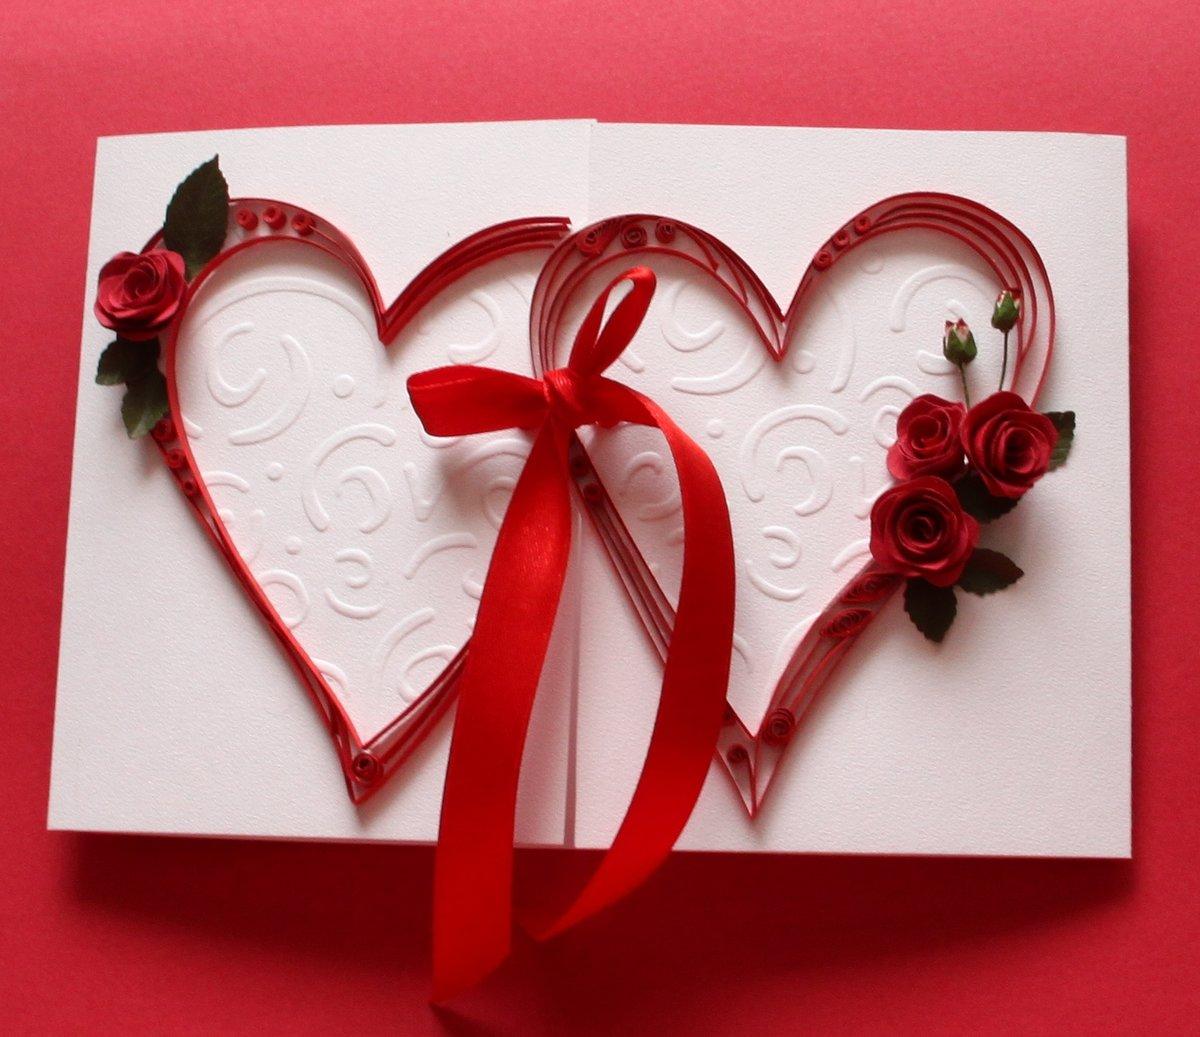 Как сделать валентинку картинку сердце, днем влюбленных